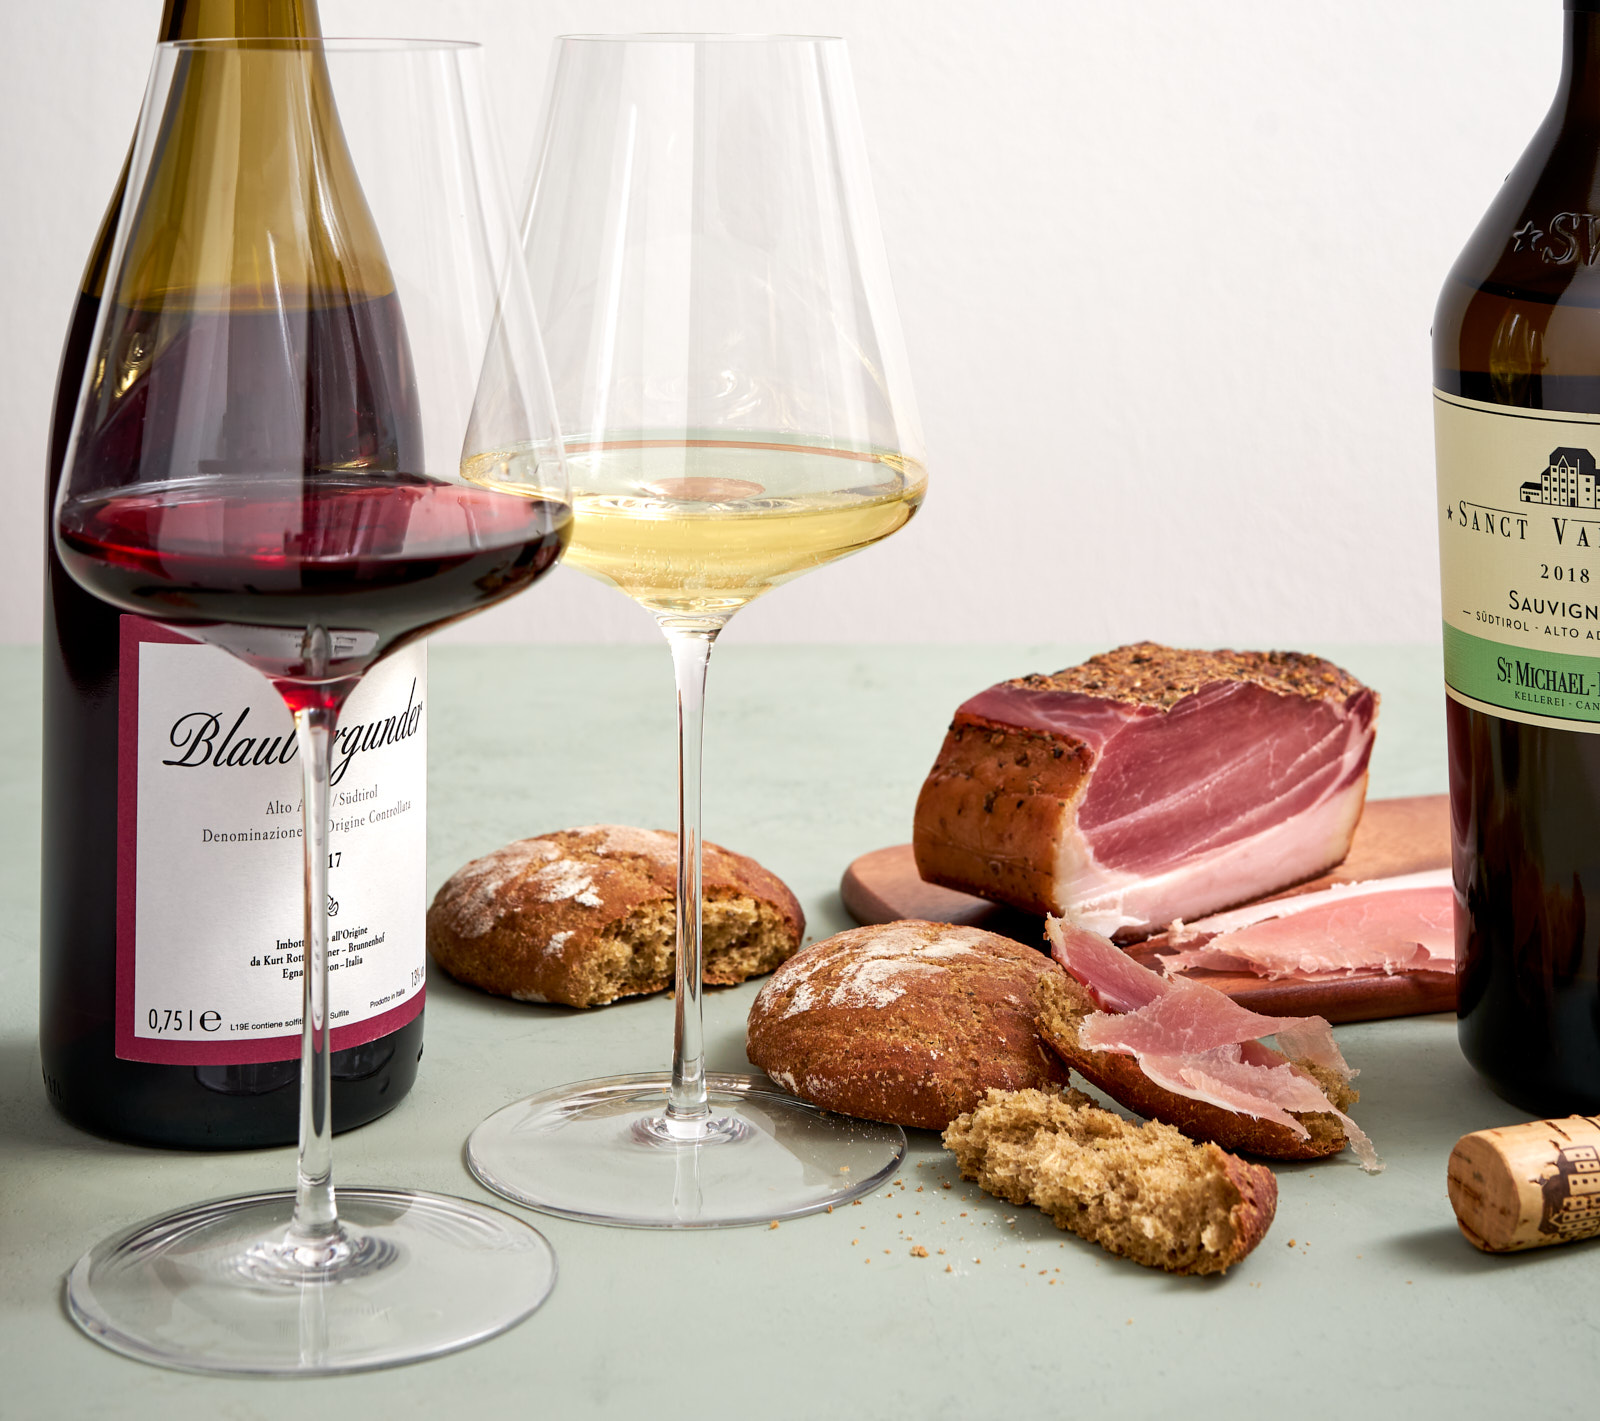 Wein aus Südtirol - Winzer